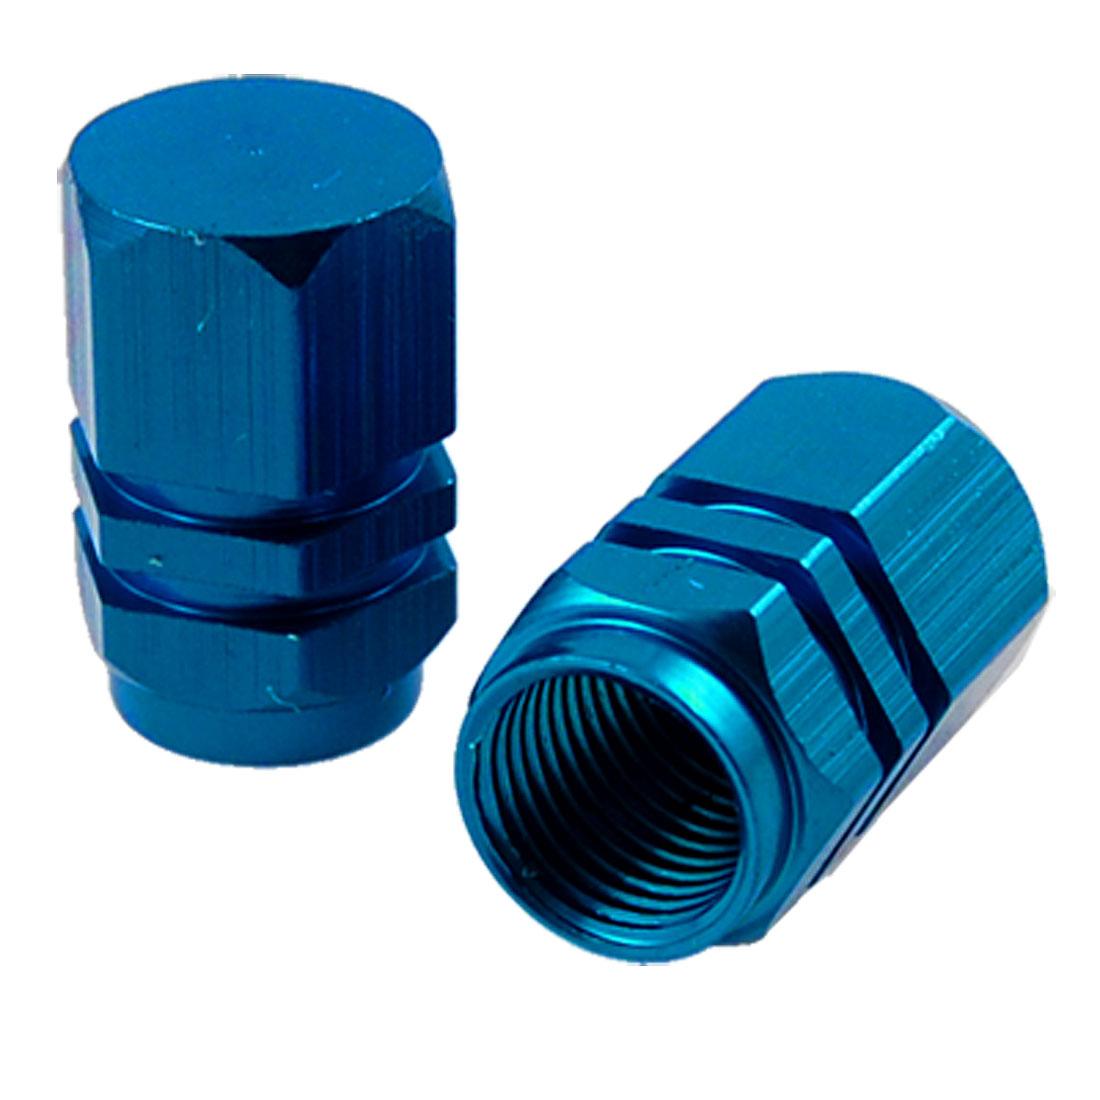 Blue Metal Auto Car Tyre Tire Valve Protectors Covers 4 Pcs